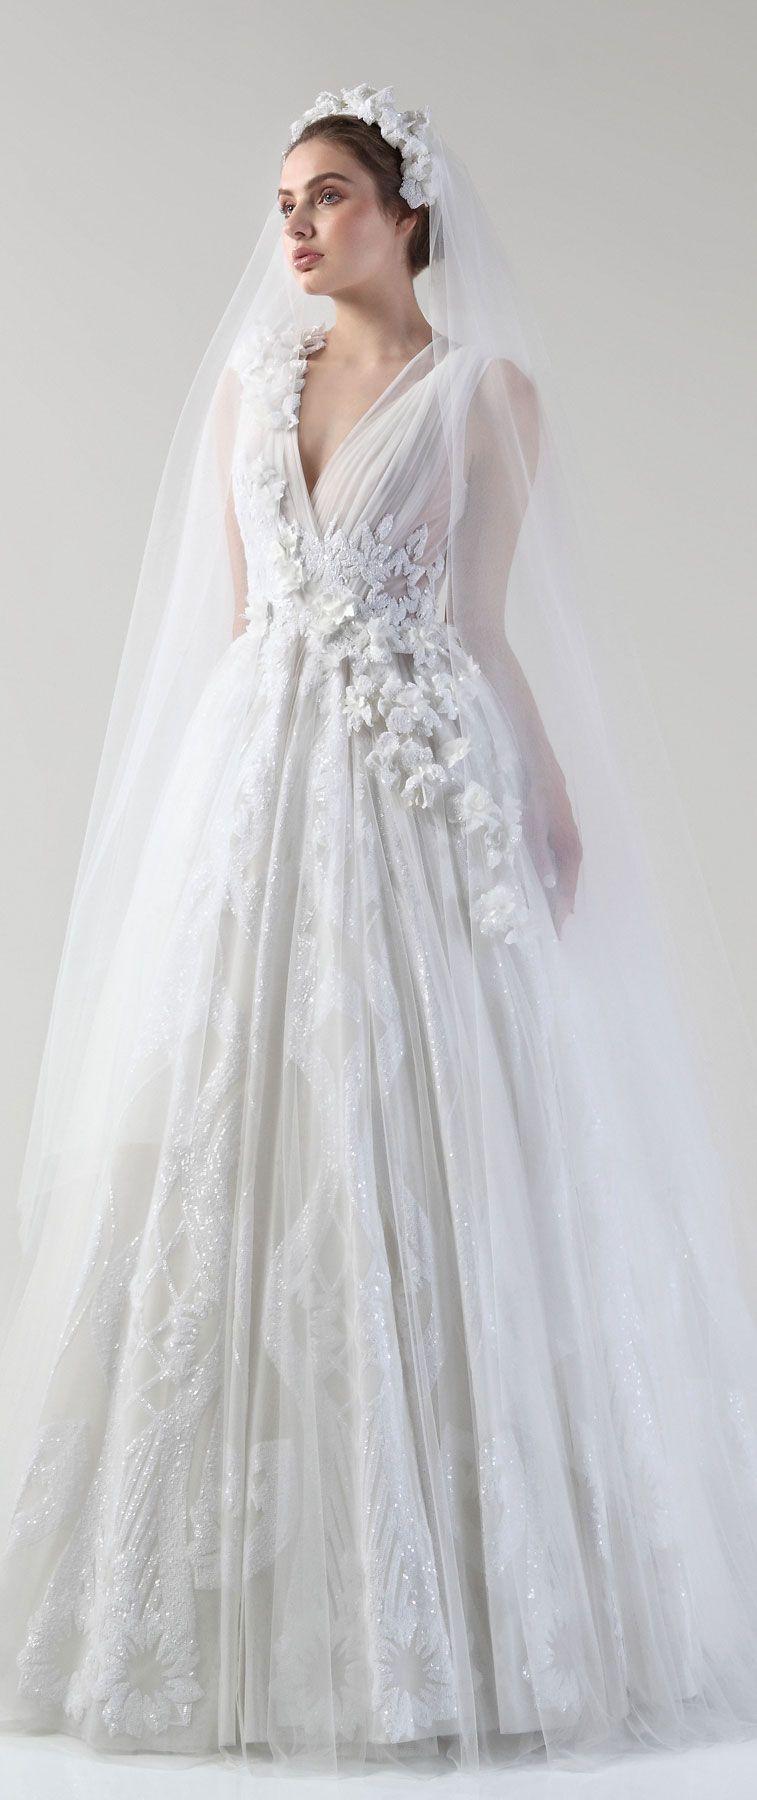 Sweet 3D Floral Applique Wedding Dress For Feminine, Romantic Brides